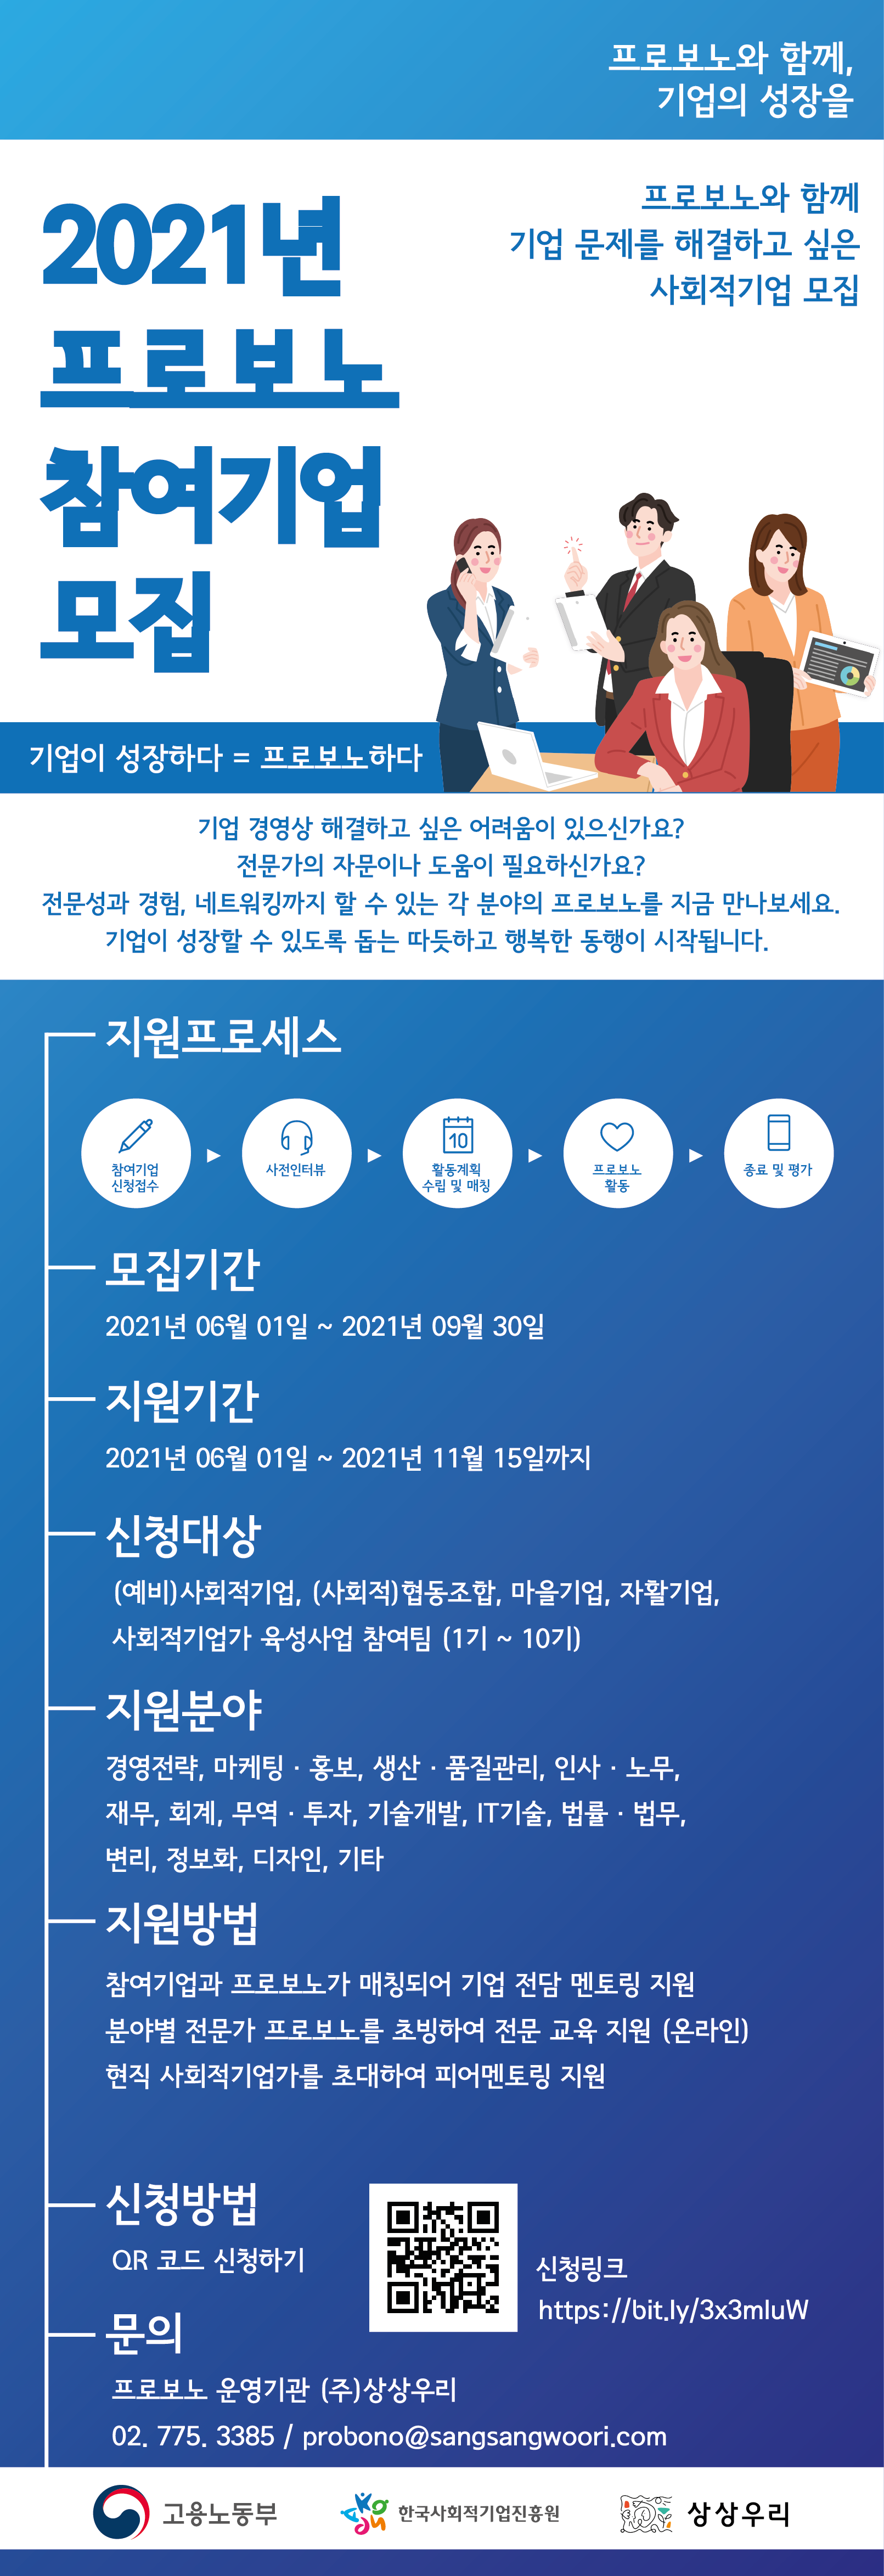 [안내] 한국사회적기업진흥원 | 전문가 재능 나눔, 프로보노 연계를 희망하는 사회적경제기업 모집